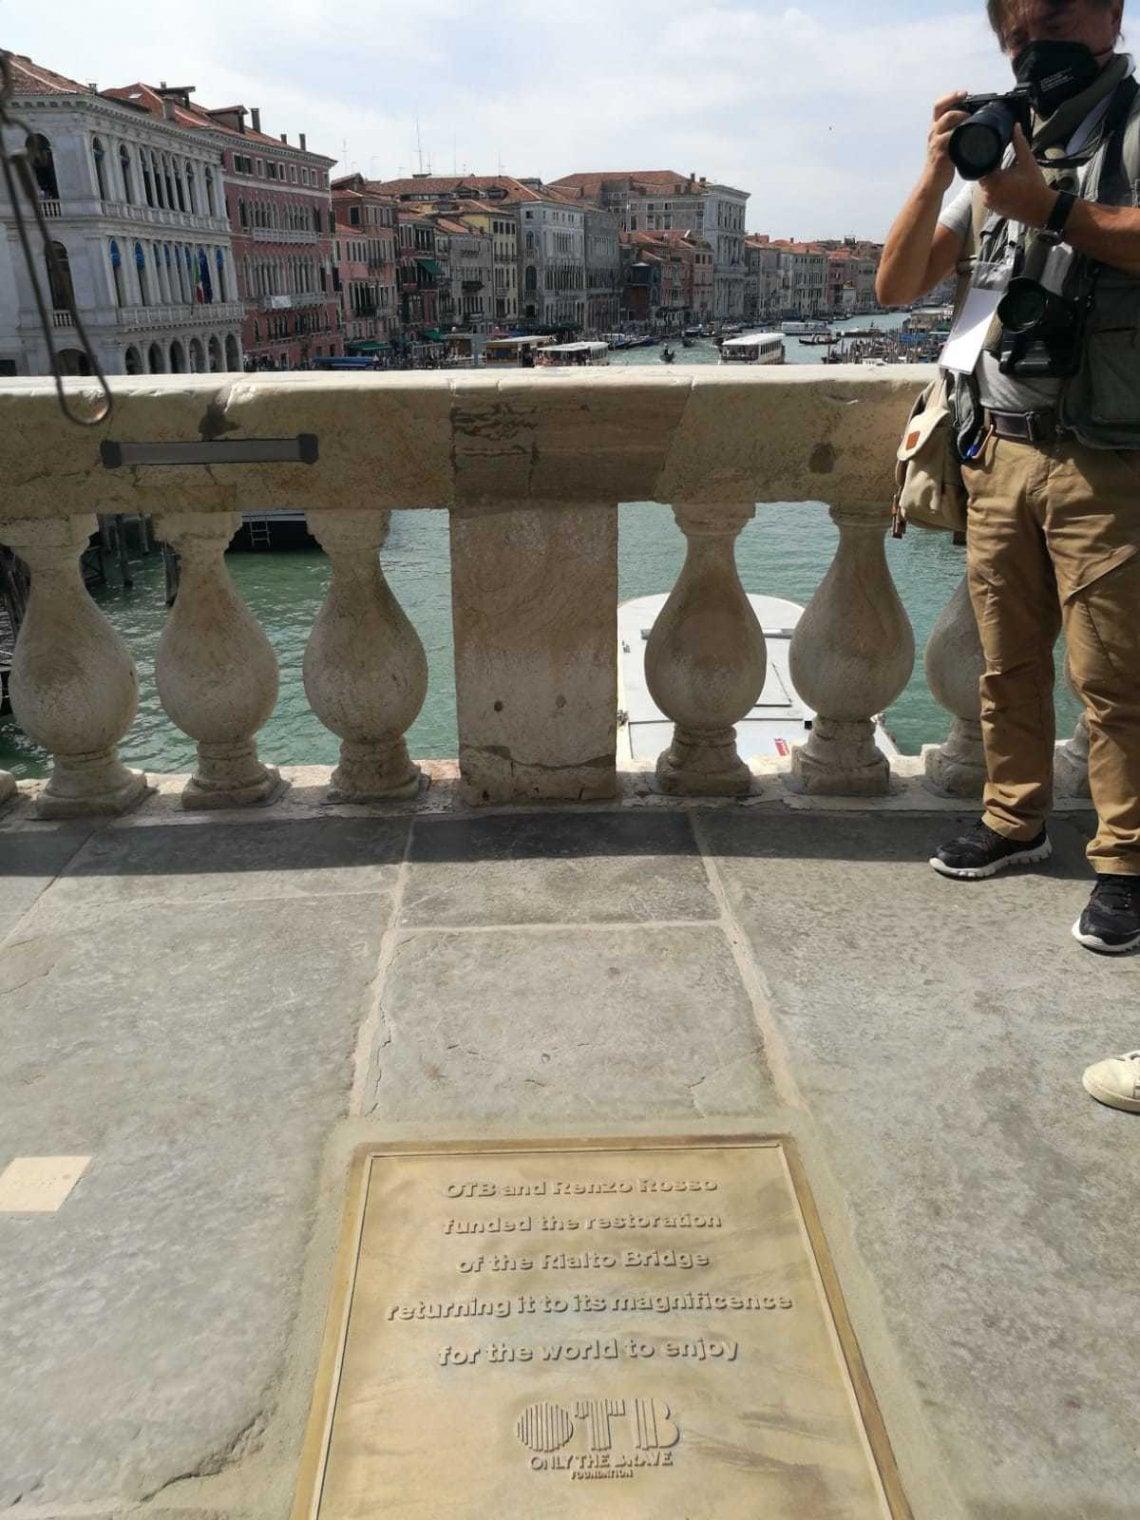 """131624372 e1828f9e 8237 439d bc21 afc3a3cdced8 - Venezia, Renzo Rosso restaura il Ponte di Rialto. Polemica per la targa: """"Troppo pubblicitaria"""""""